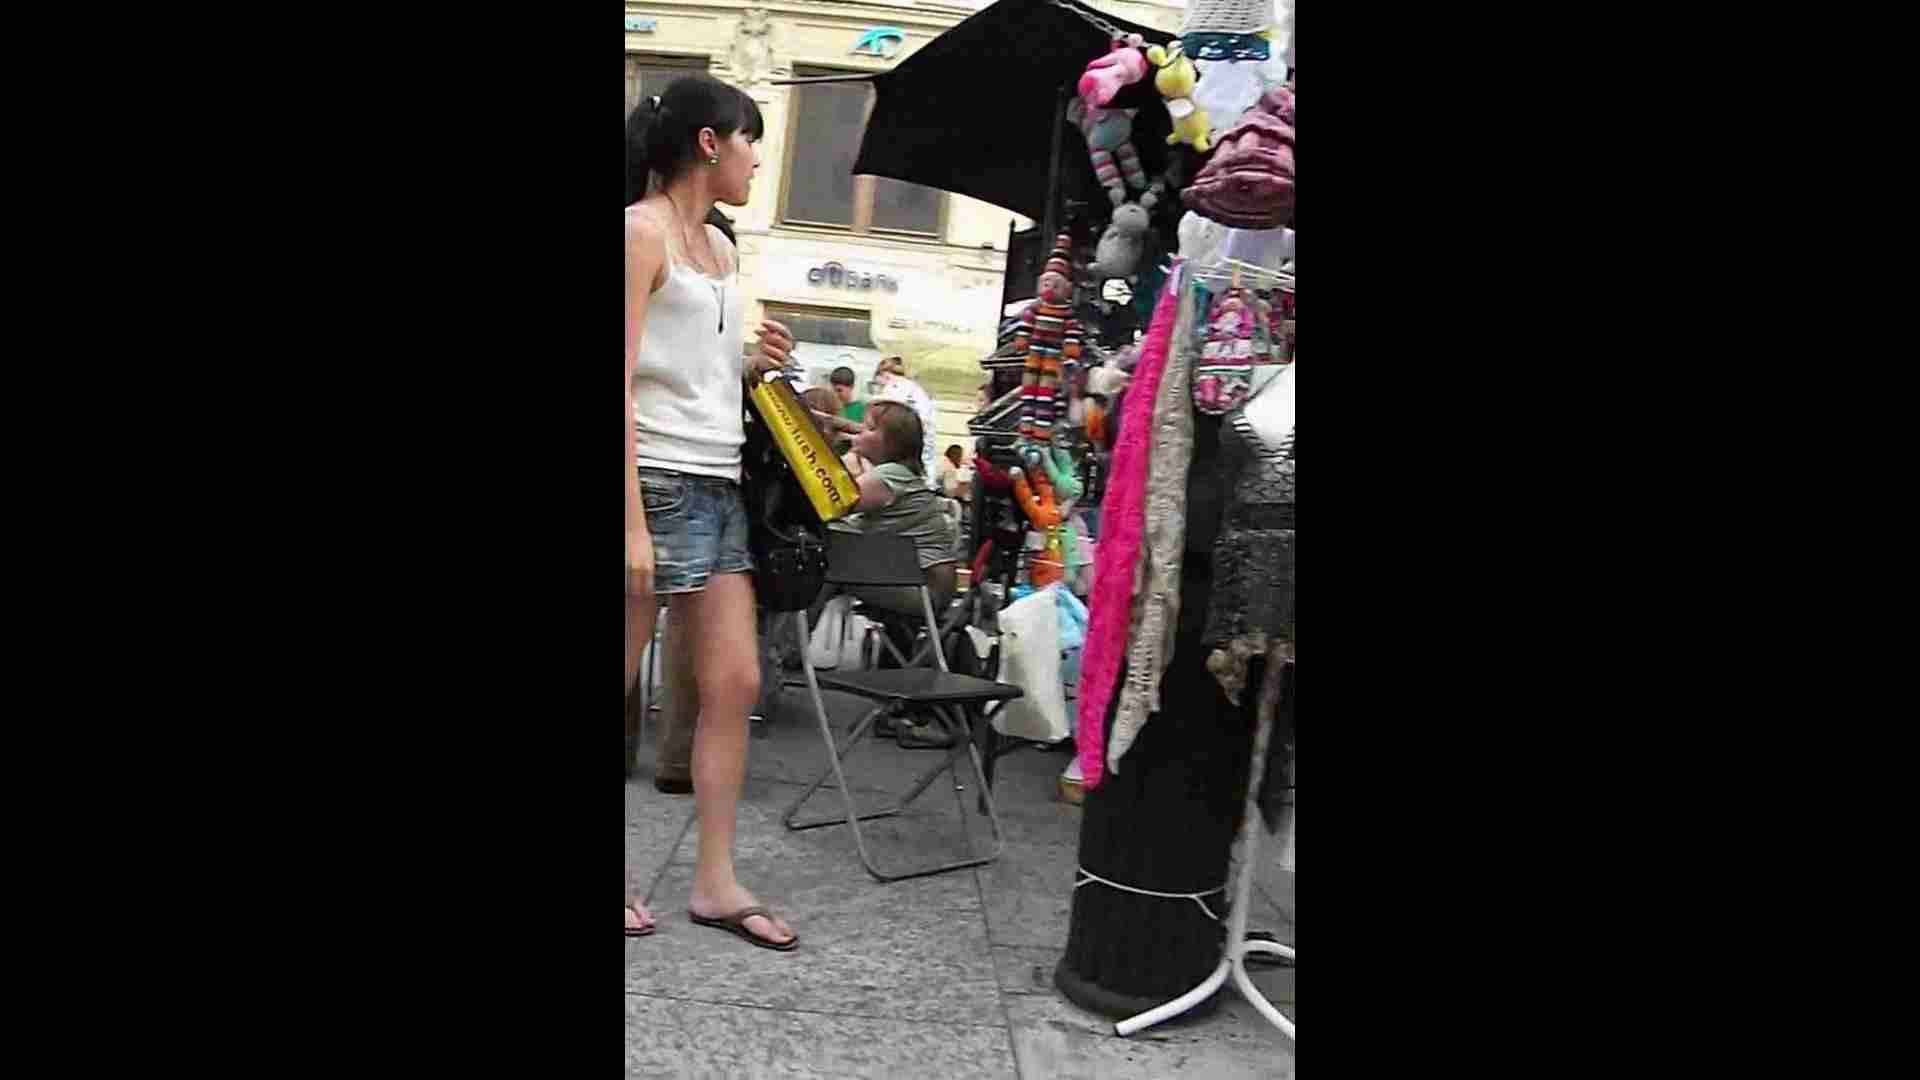 綺麗なモデルさんのスカート捲っちゃおう‼vol05 お姉さんのエロ動画  102PIX 30